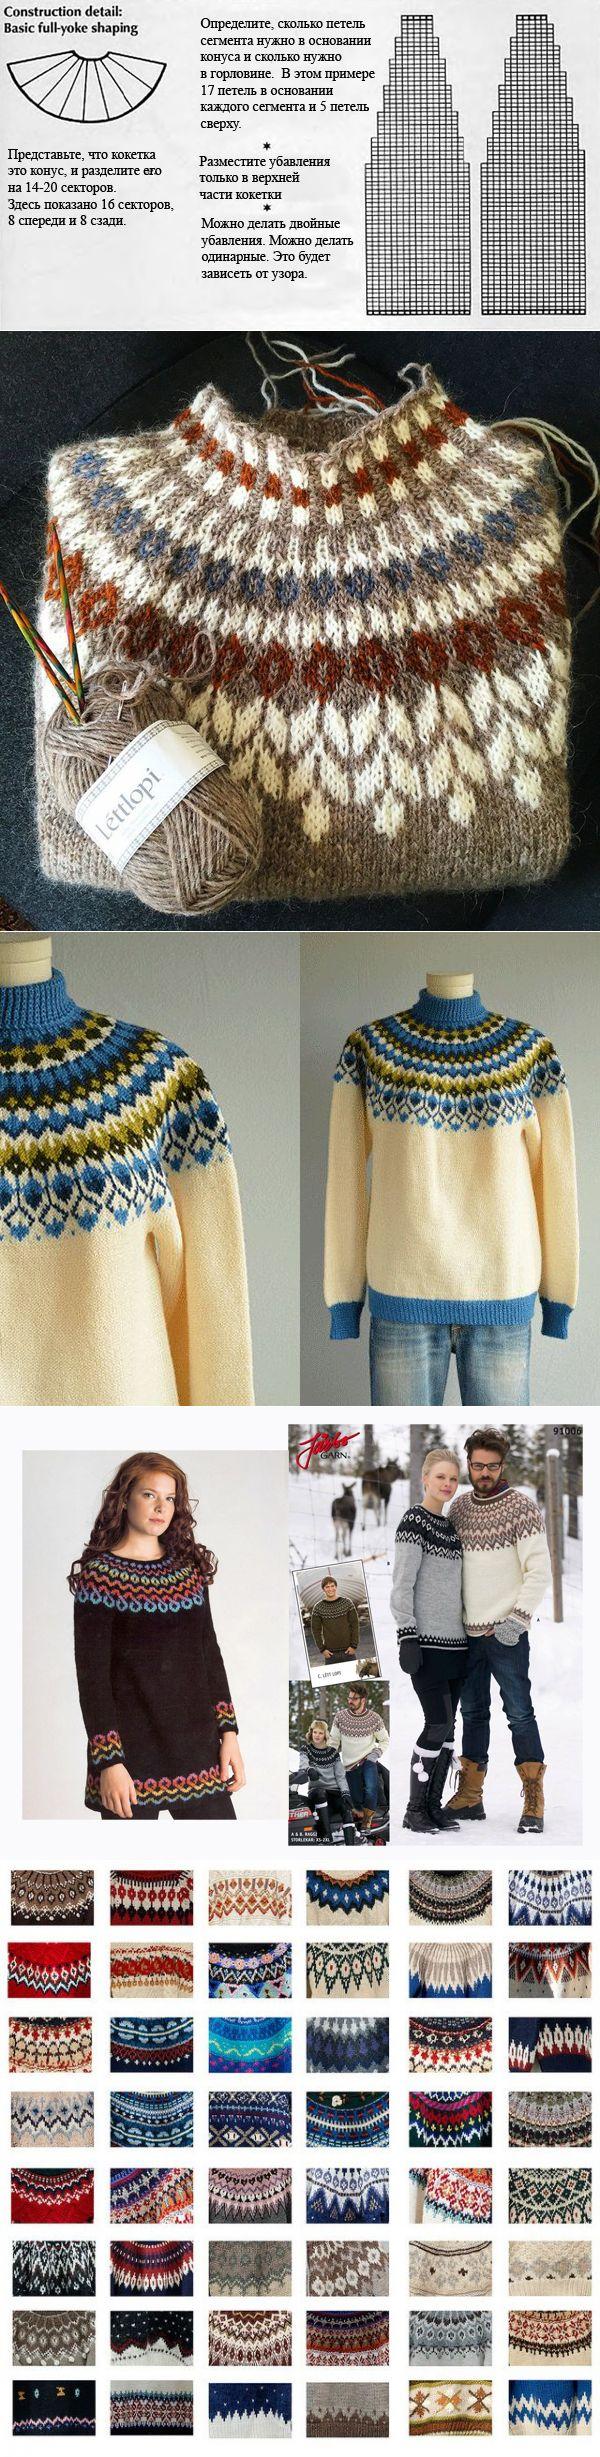 Знаменитый исландский свитер с круглой кокеткой Lopapeysa: история и метод вязания